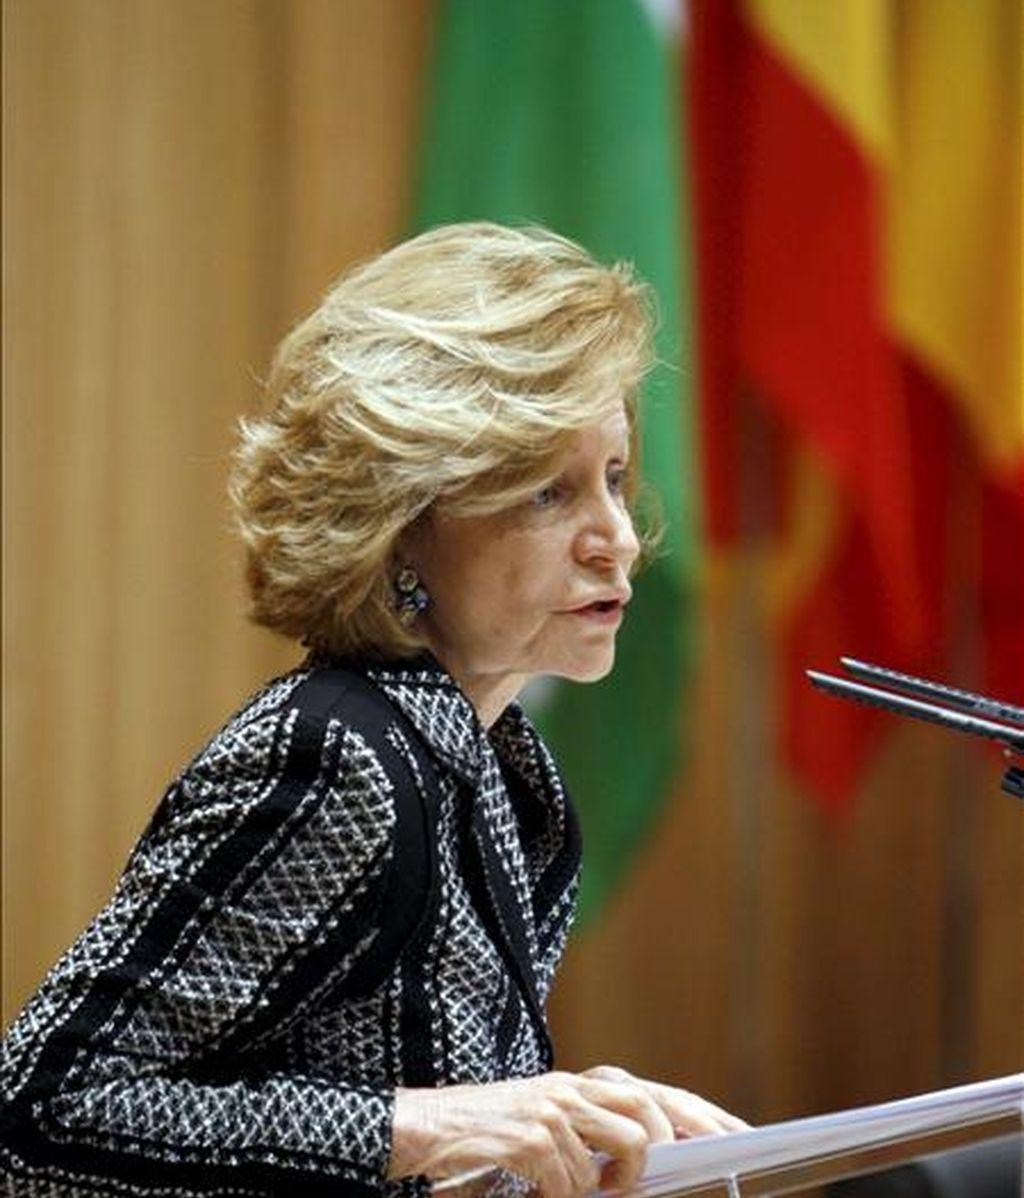 La vicepresidenta económica, Elena Salgado, durante su intervención en la reunión de presidentes de las Comisiones de Economía y Finanzas de los Parlamentos de los países de la UE que se celebra en Madrid. EFE